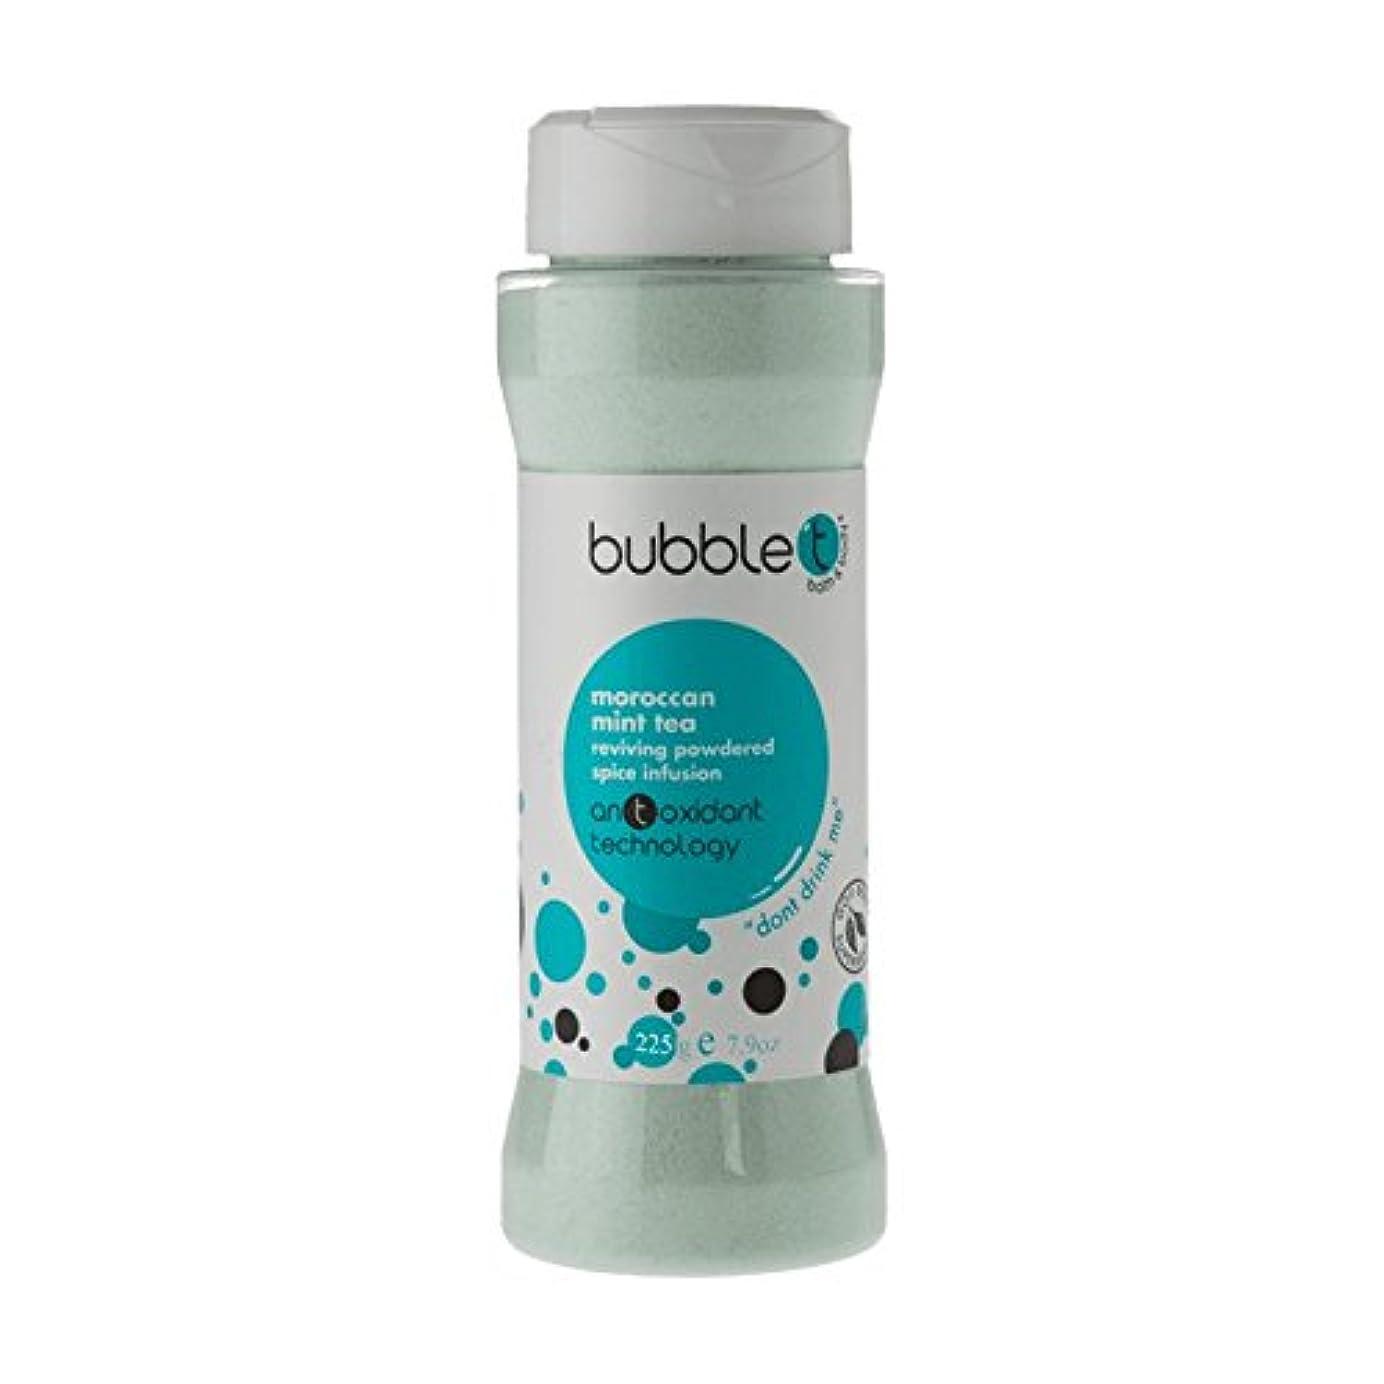 憂慮すべき繁殖パニックBubble T Bath Spice Infusion Morrocan Mint Tea 225g (Pack of 2) - バブルトン風呂スパイス注入モロッコのミントティー225グラム (x2) [並行輸入品]